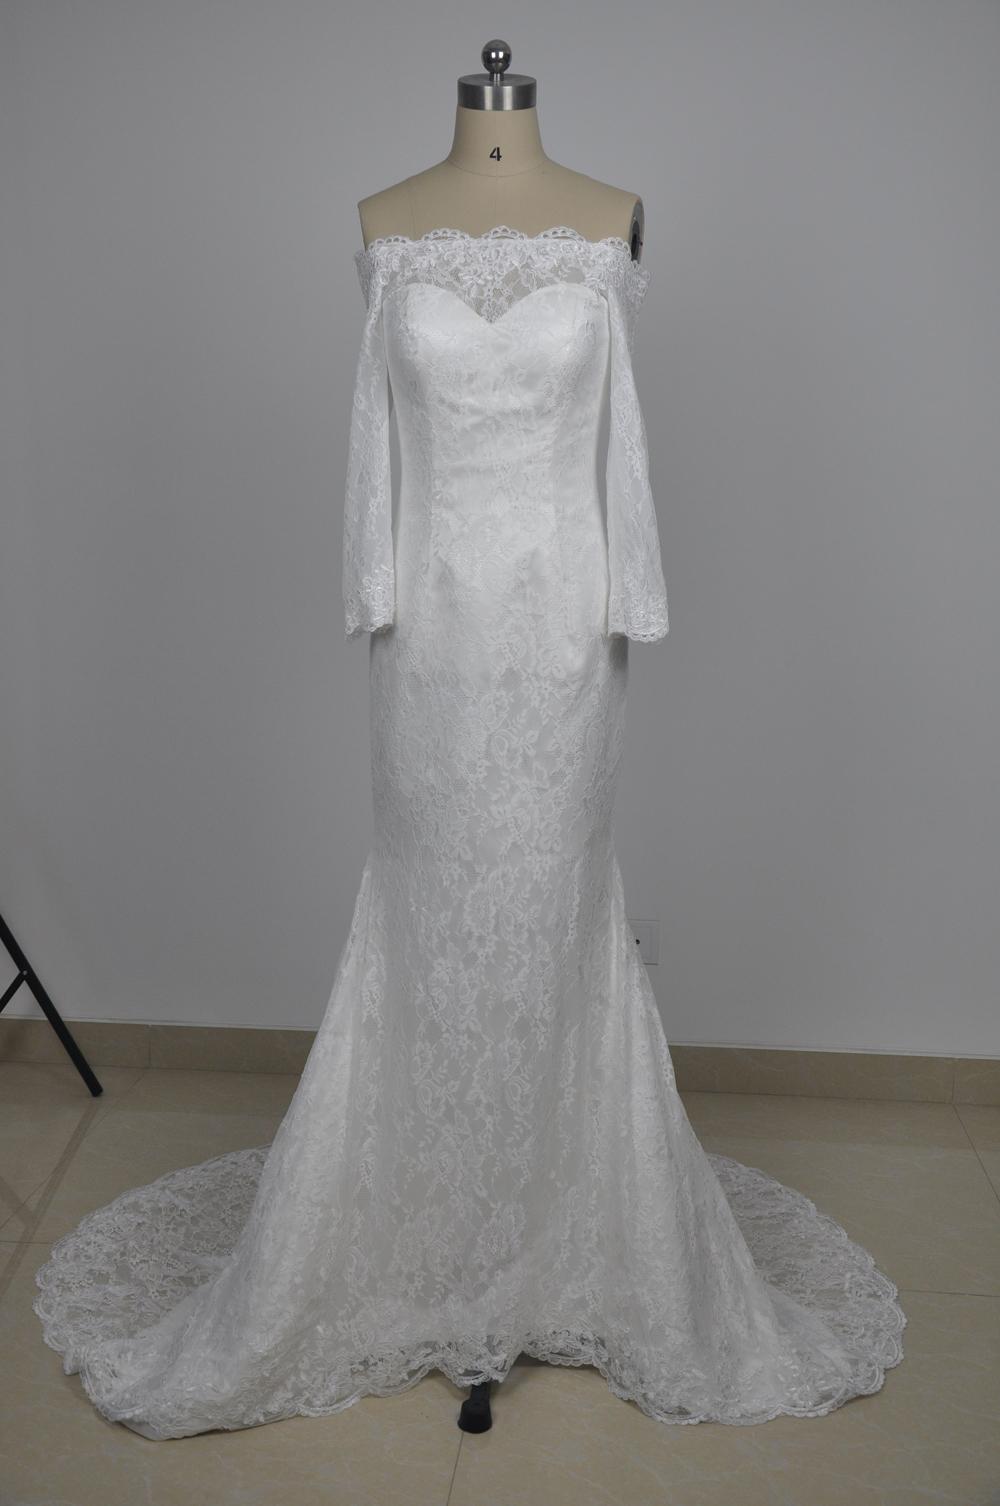 Buy Wedding mermaids dresses in sweetheart neckline cut pictures trends